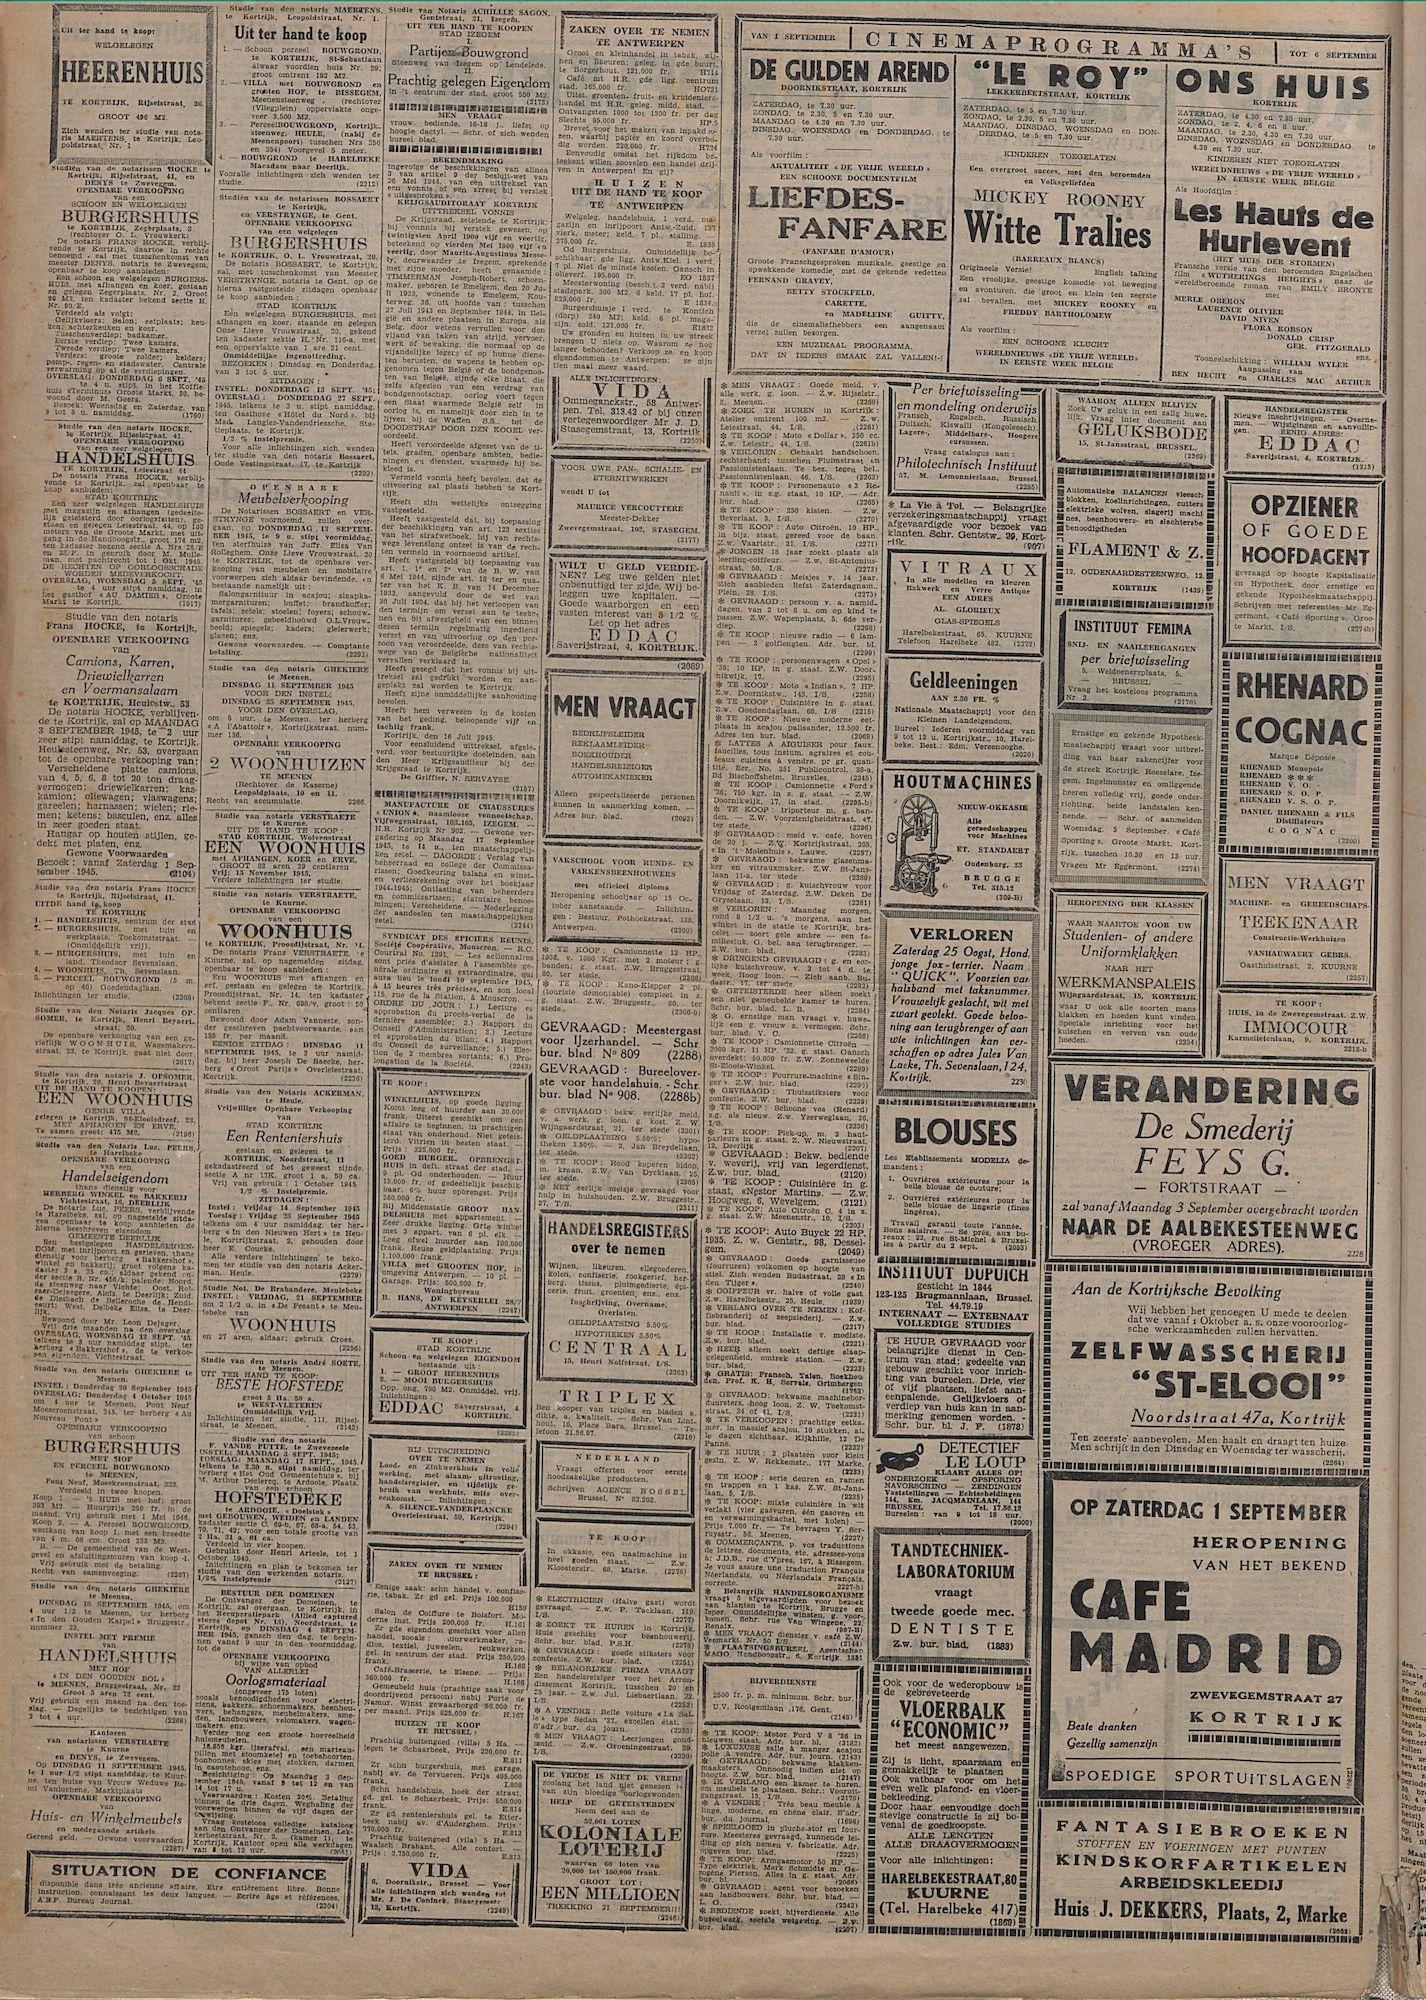 Kortrijksch Handelsblad 1 september 1945 Nr70 p2